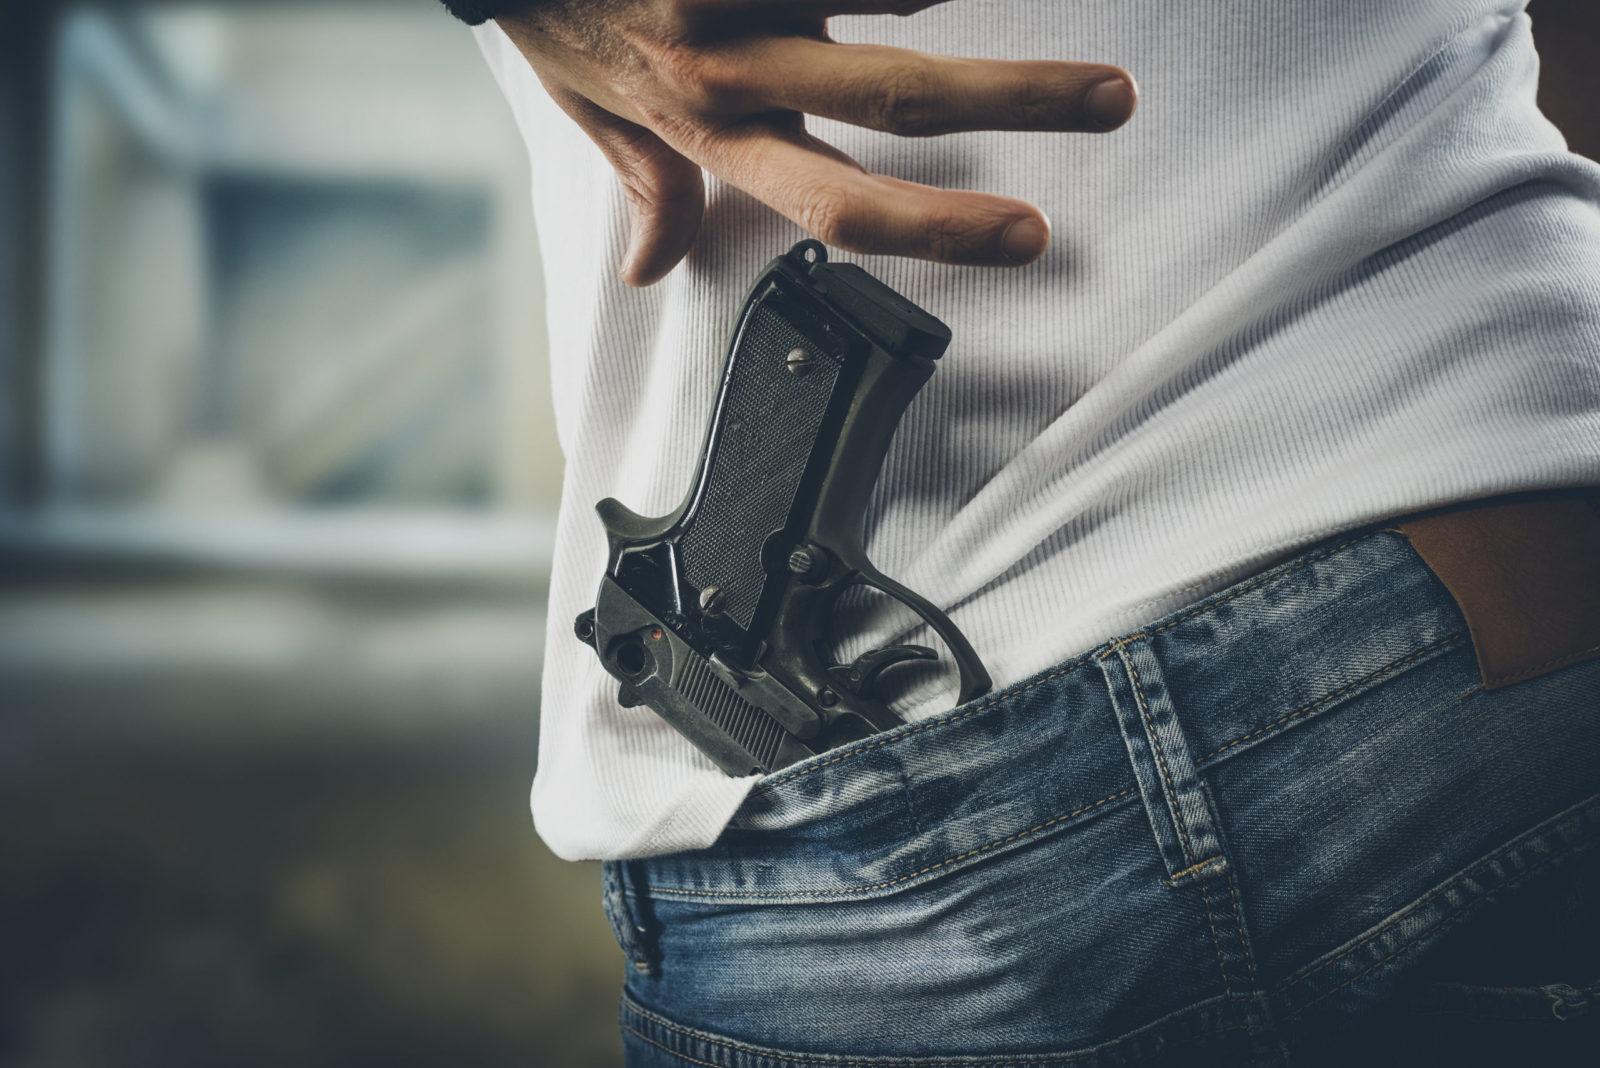 можете картинки револьвер в руках нам